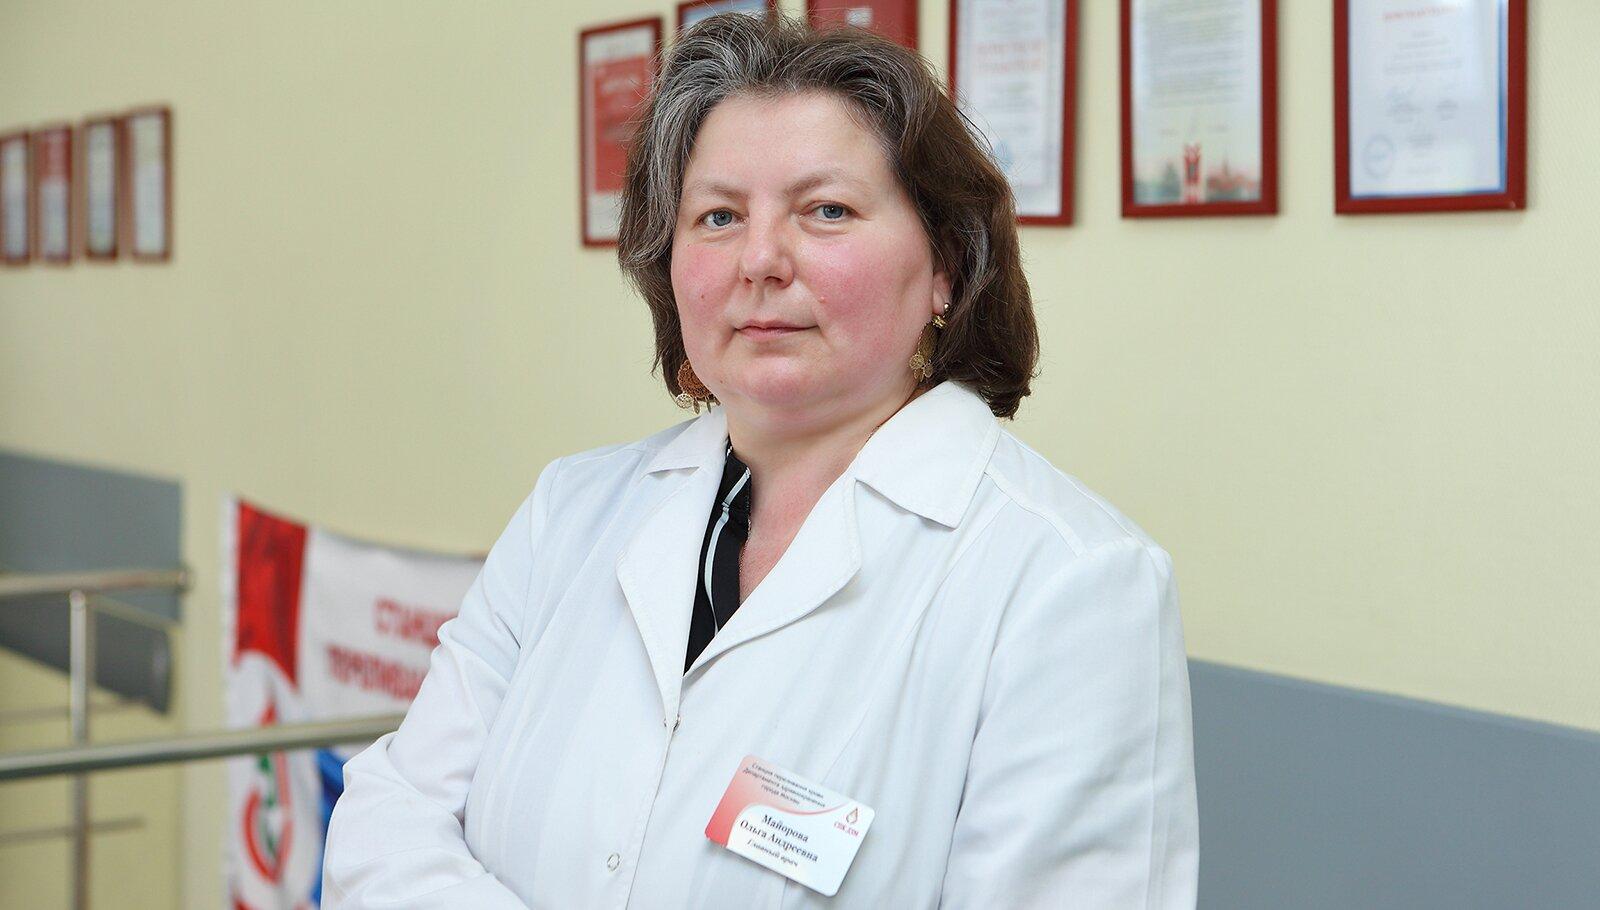 Ольга Майорова, главный врач Центра крови имени О.К. Гаврилова